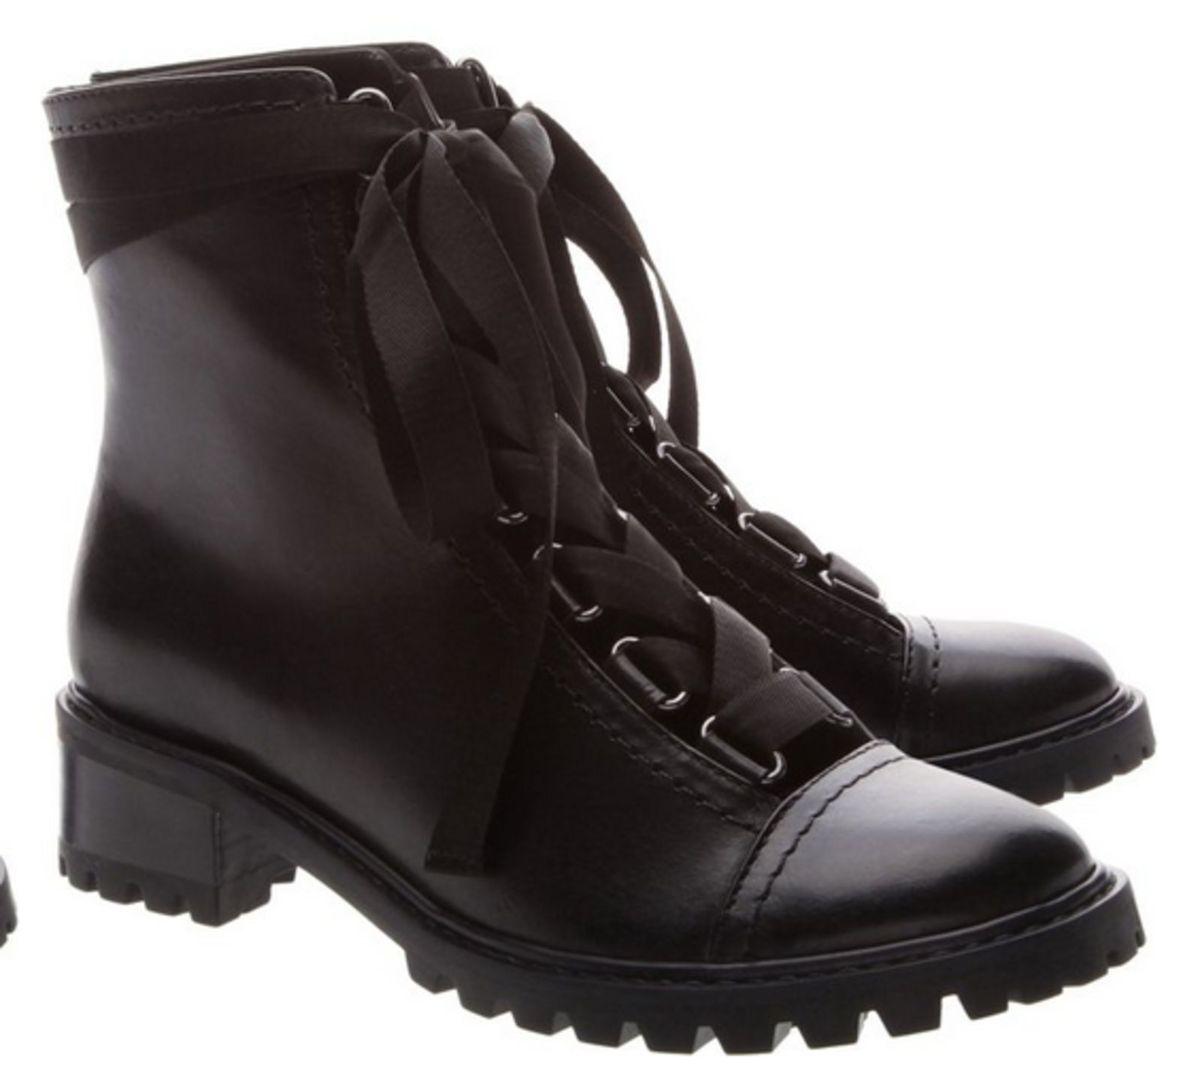 6eb8cf760 Coturno Sola Tratorada Lace-up Black | Bota Feminina Schutz Nunca ...